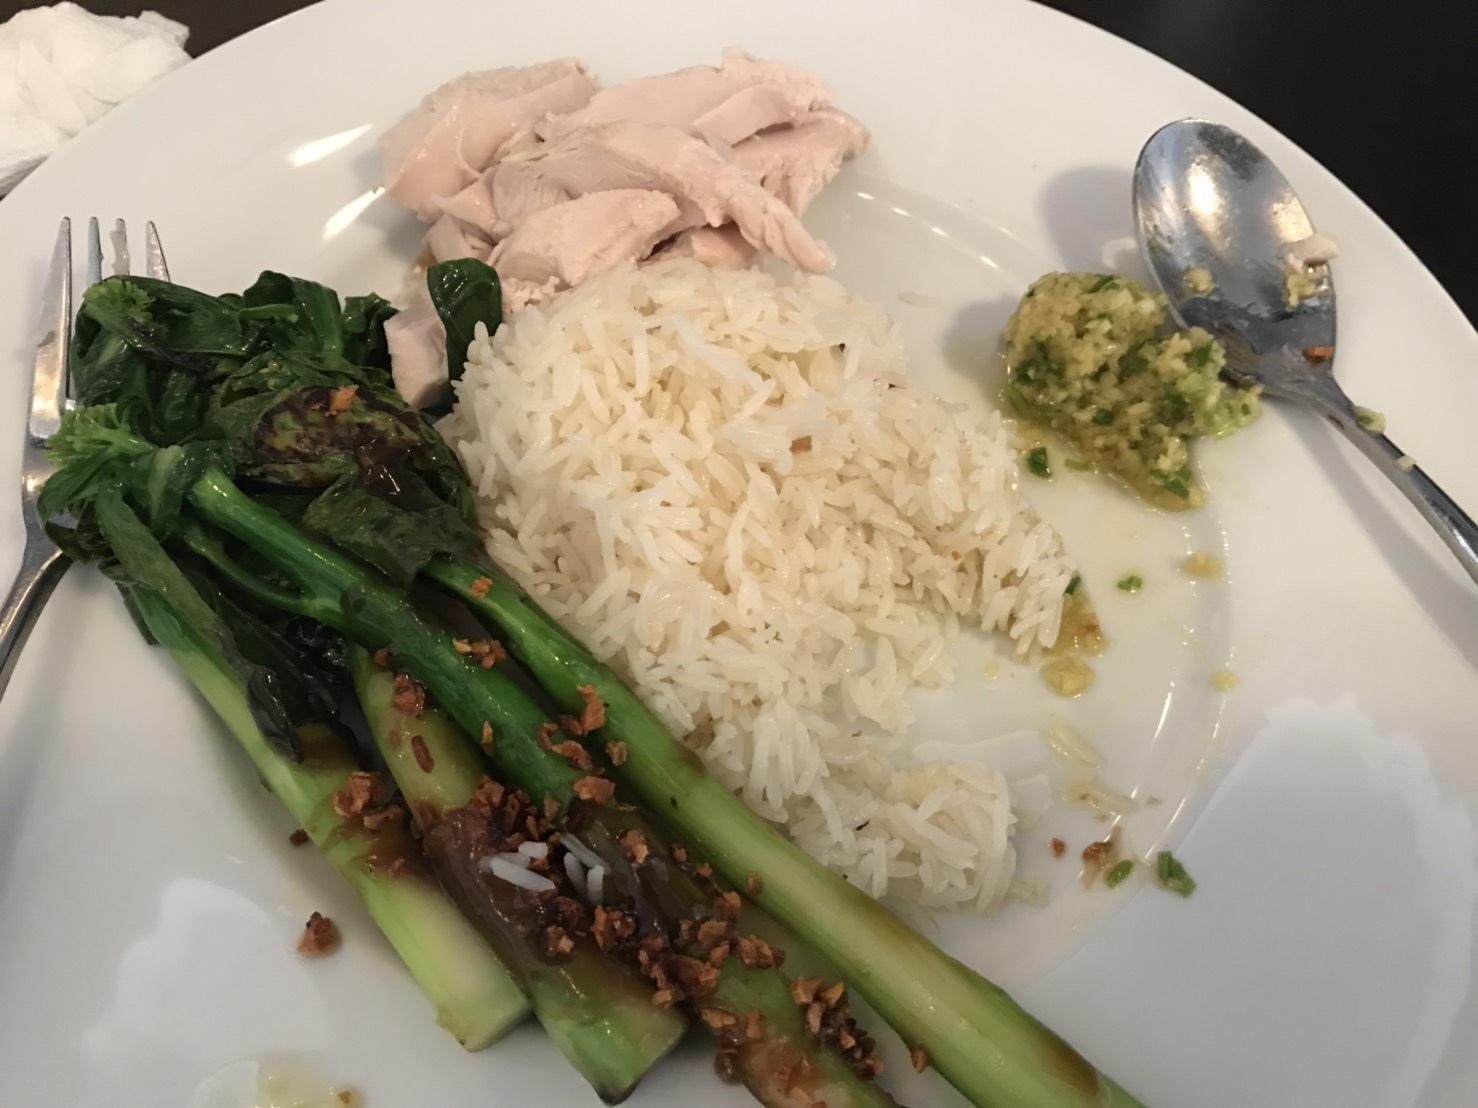 ไก่ต้มขอทานกับน้ำจิ้มขิงสับแบบฮ่องกง